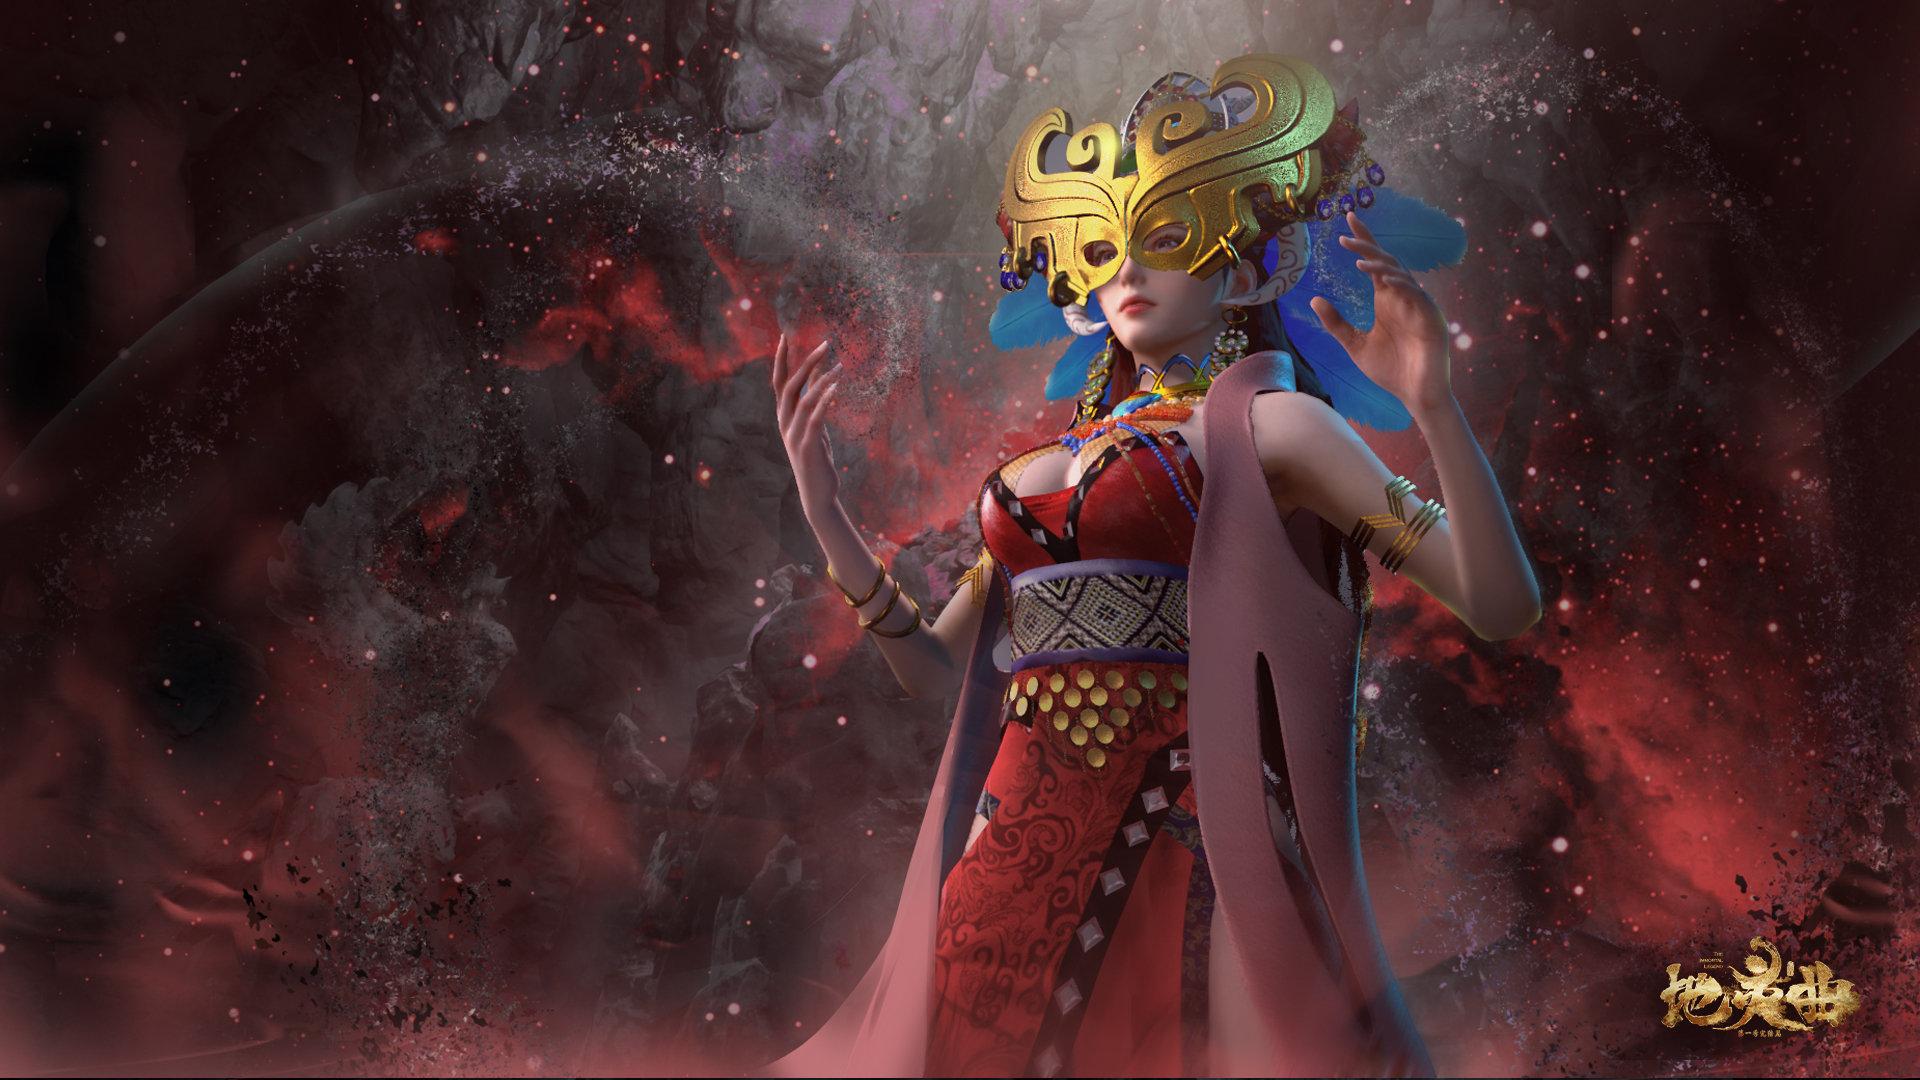 地灵曲楼兰女王高清图片